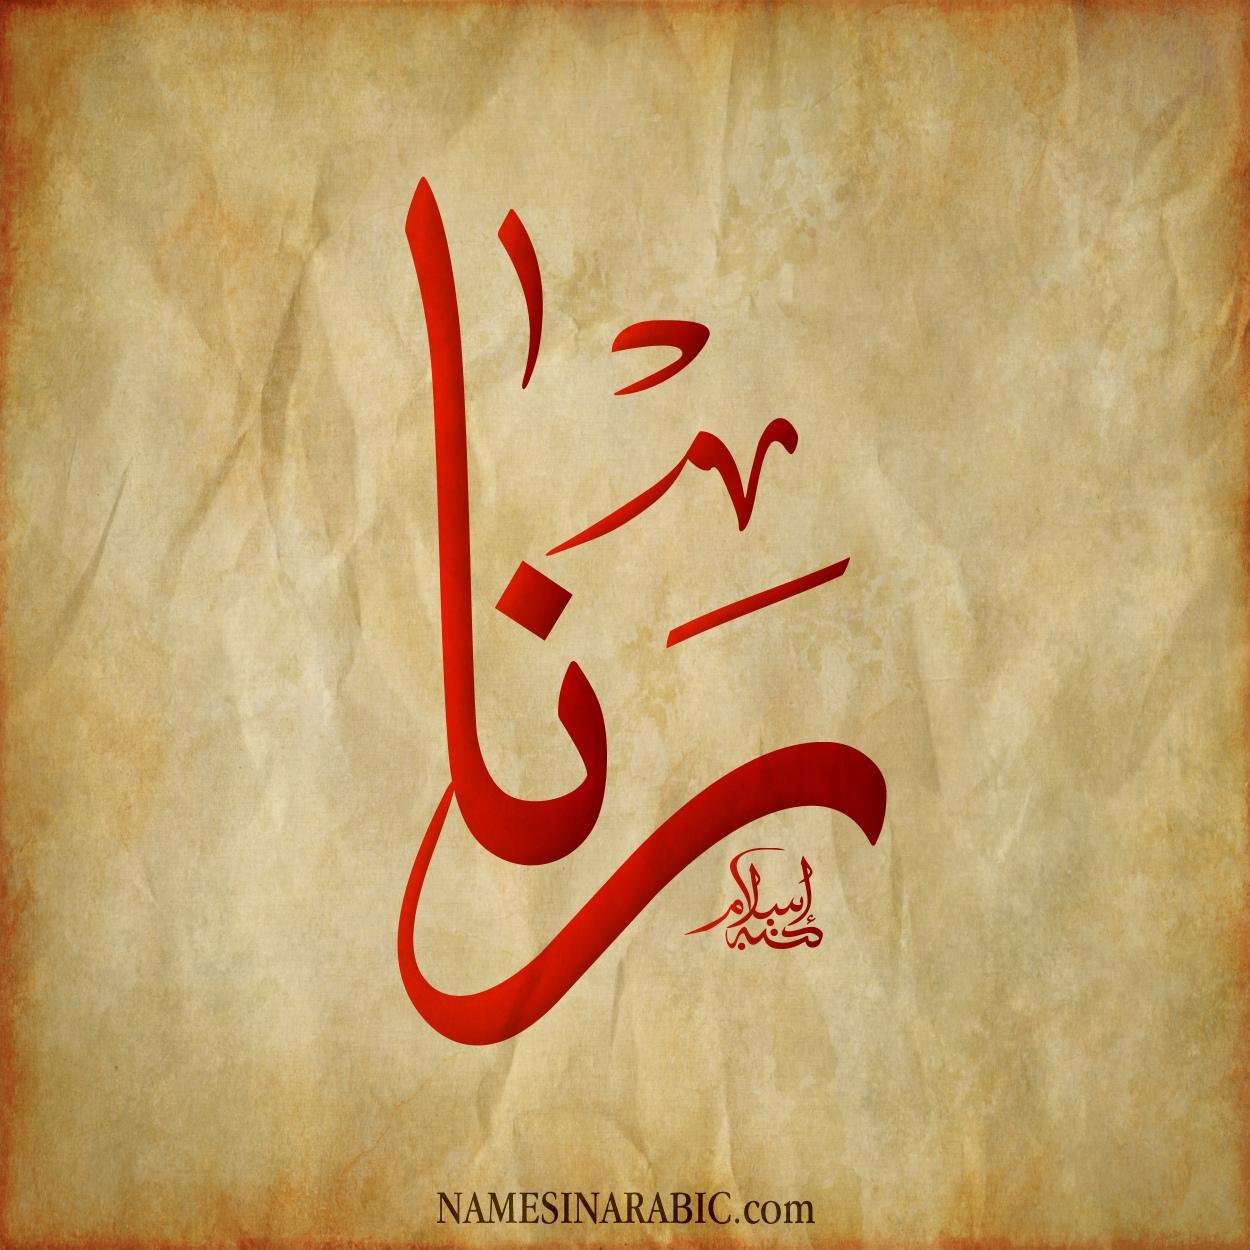 بالصور صور اسم رنا , اجمل بوستات باسم رنا 6668 4